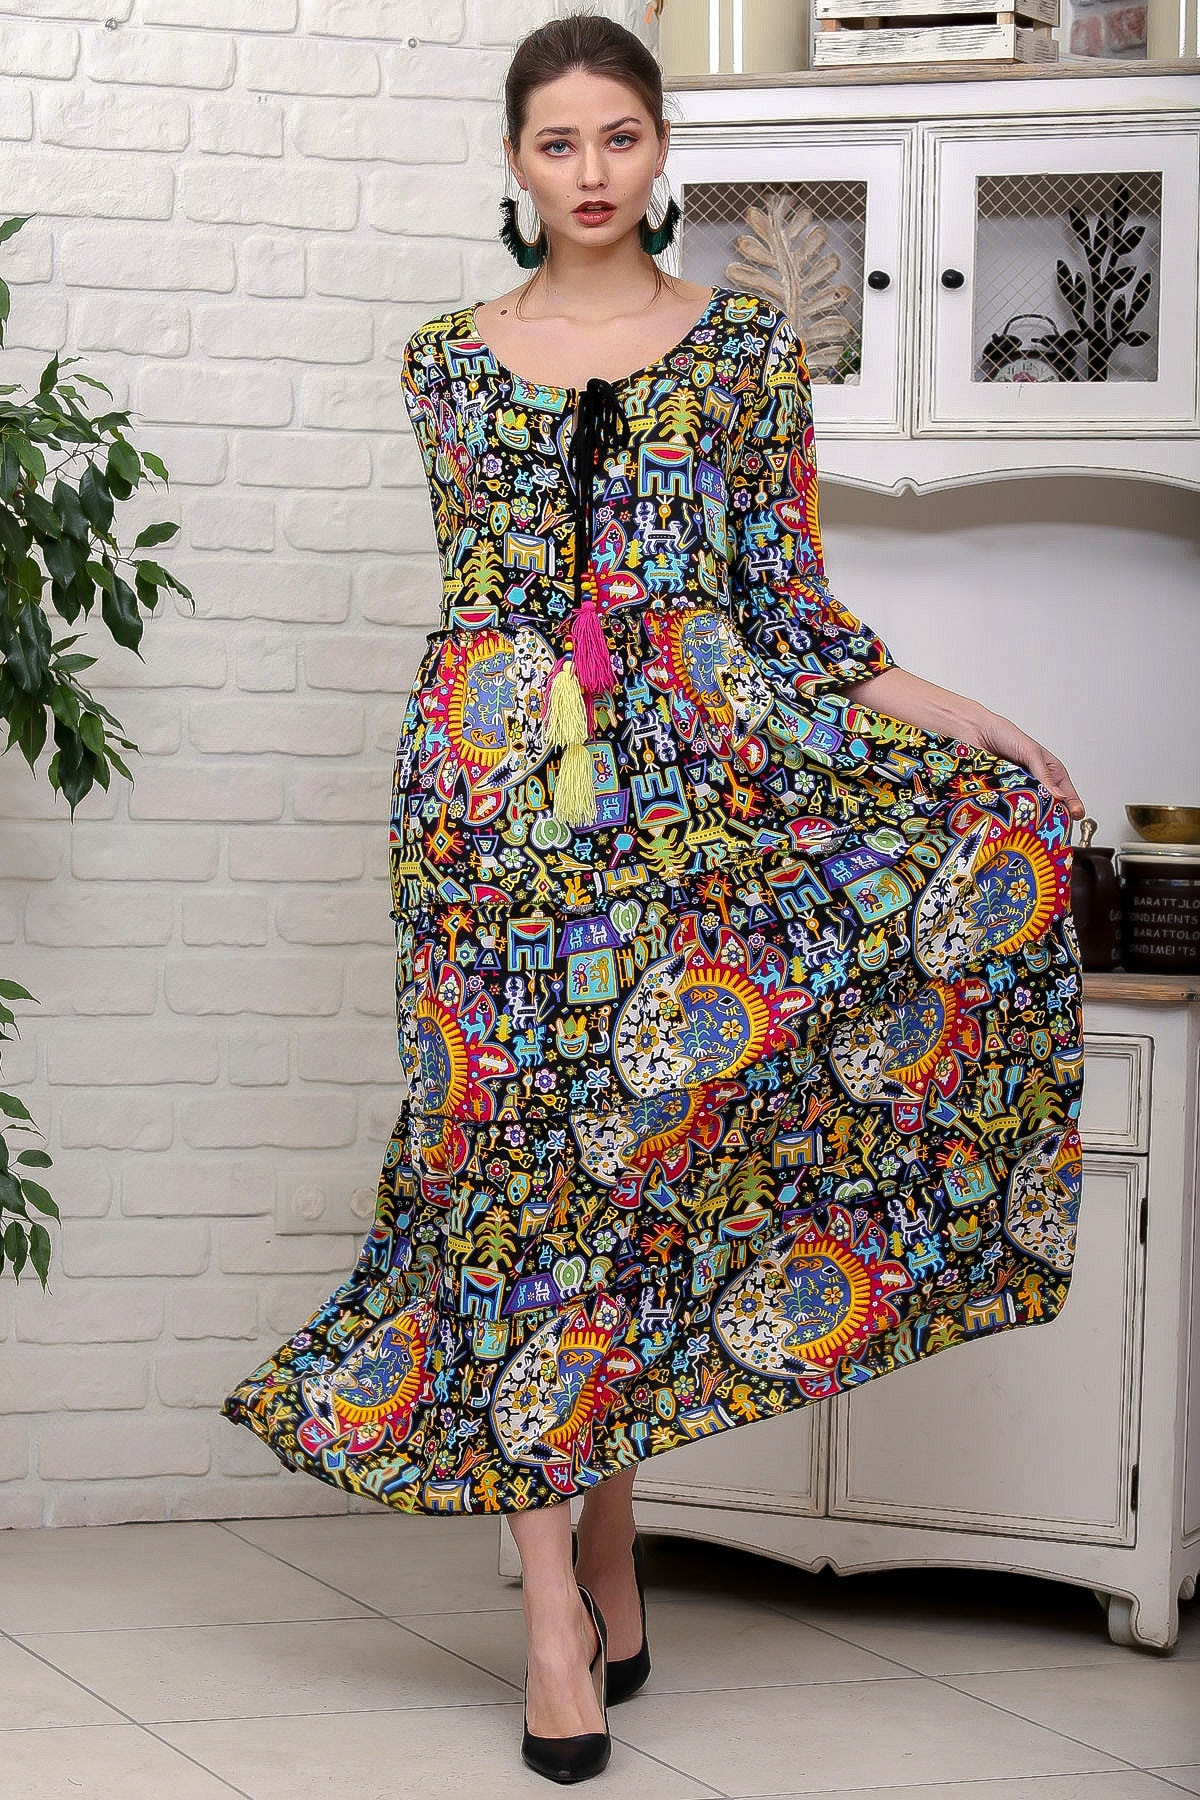 Chiccy Kadın Siyah Güneş Desen Püsküllü Bağcıklı Salaş Dokuma Elbise M10160000EL95927